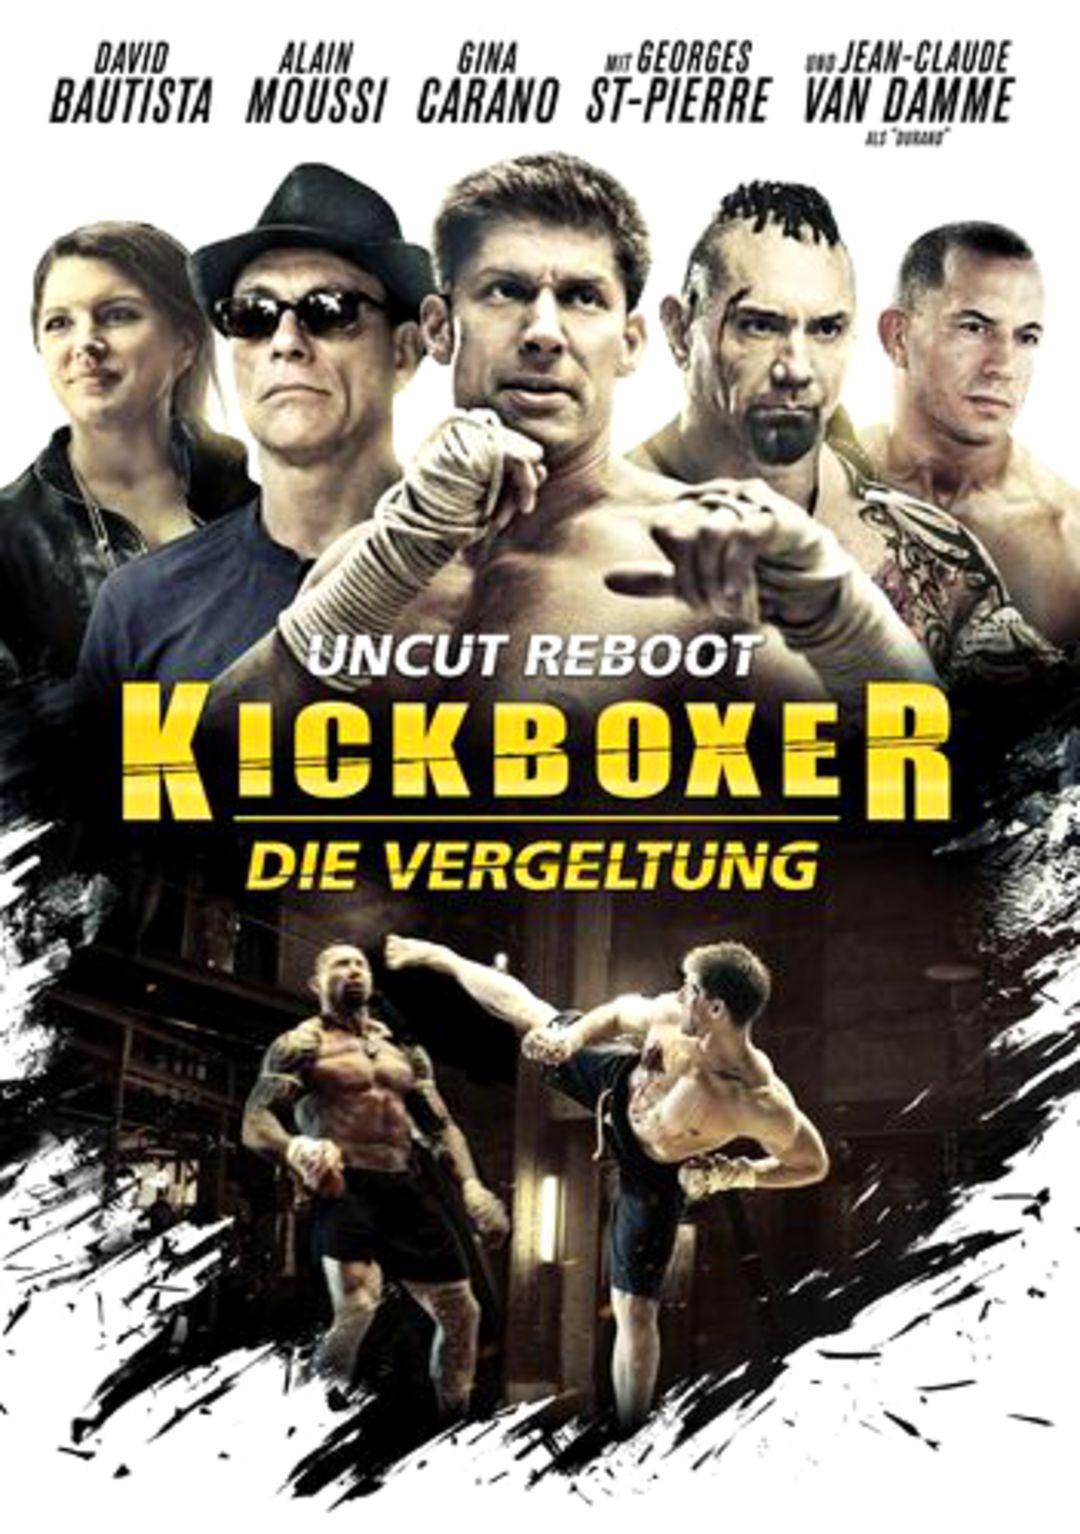 Kickboxer - Bild 4 von 8